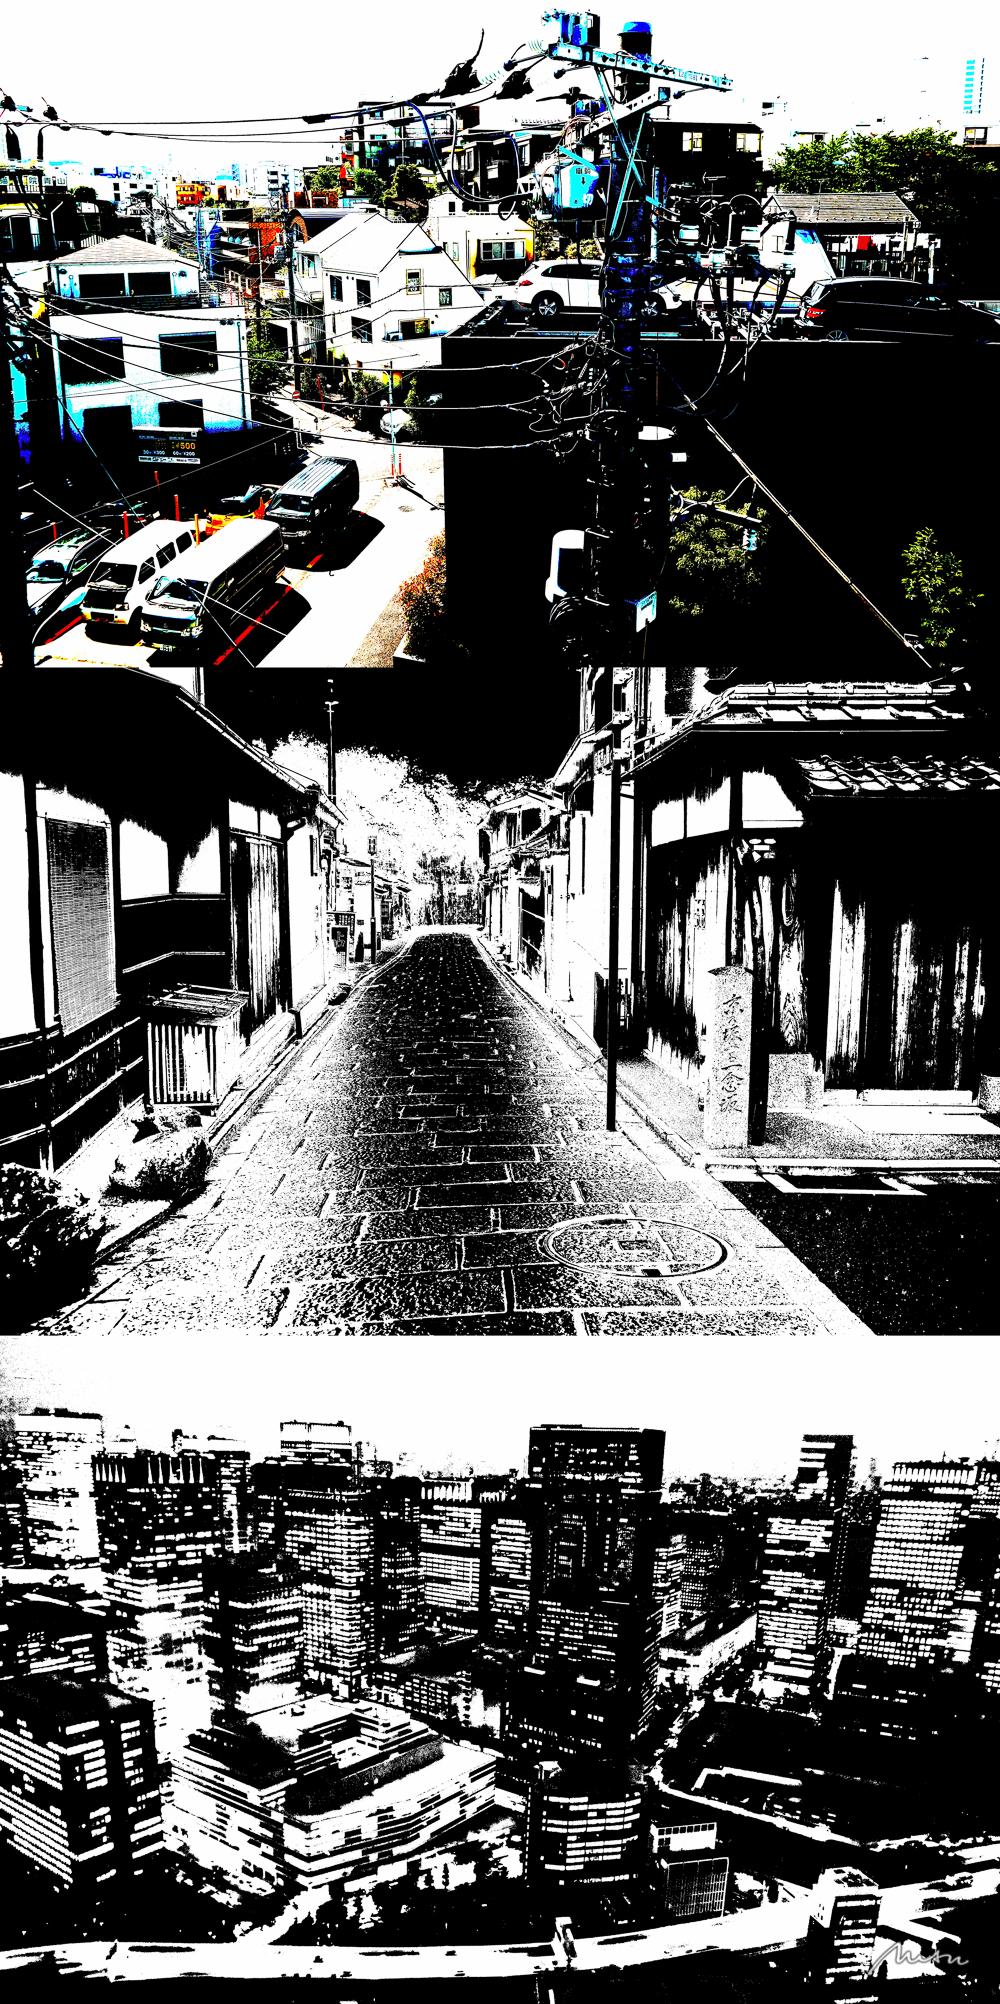 Häuservergleich | Japan | 2015